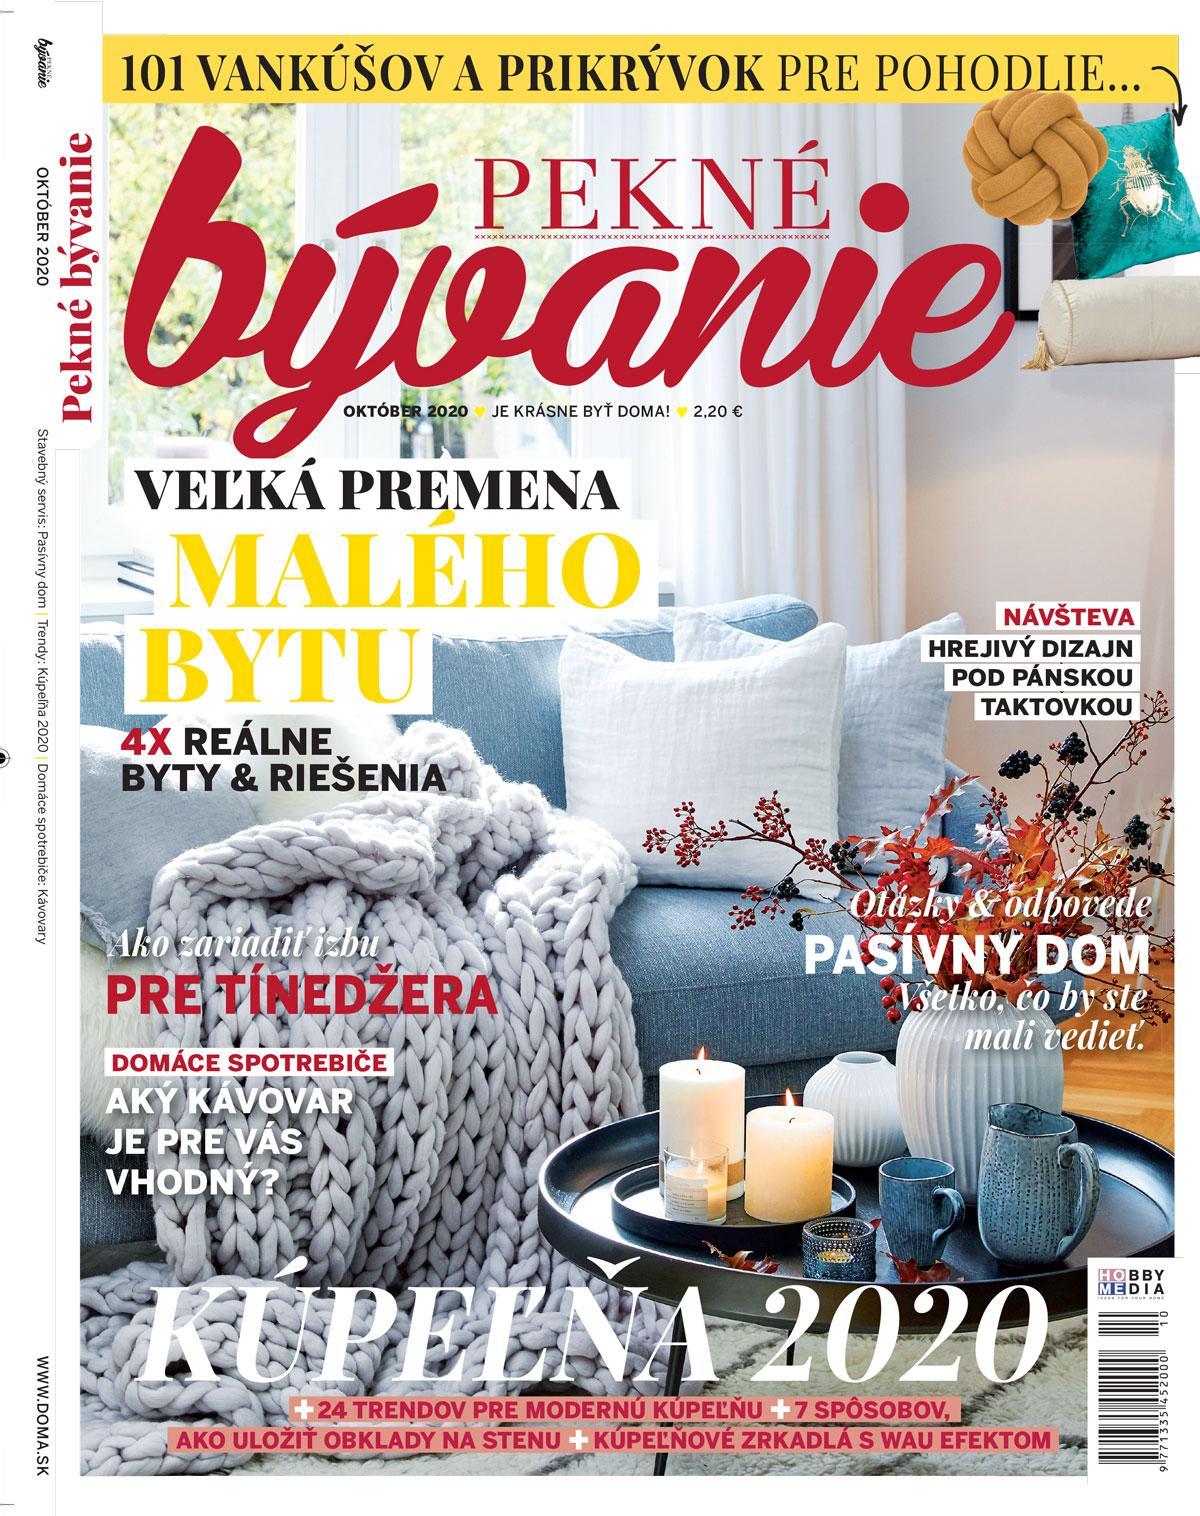 pekne_byvanie - Pekné bývanie október 2020